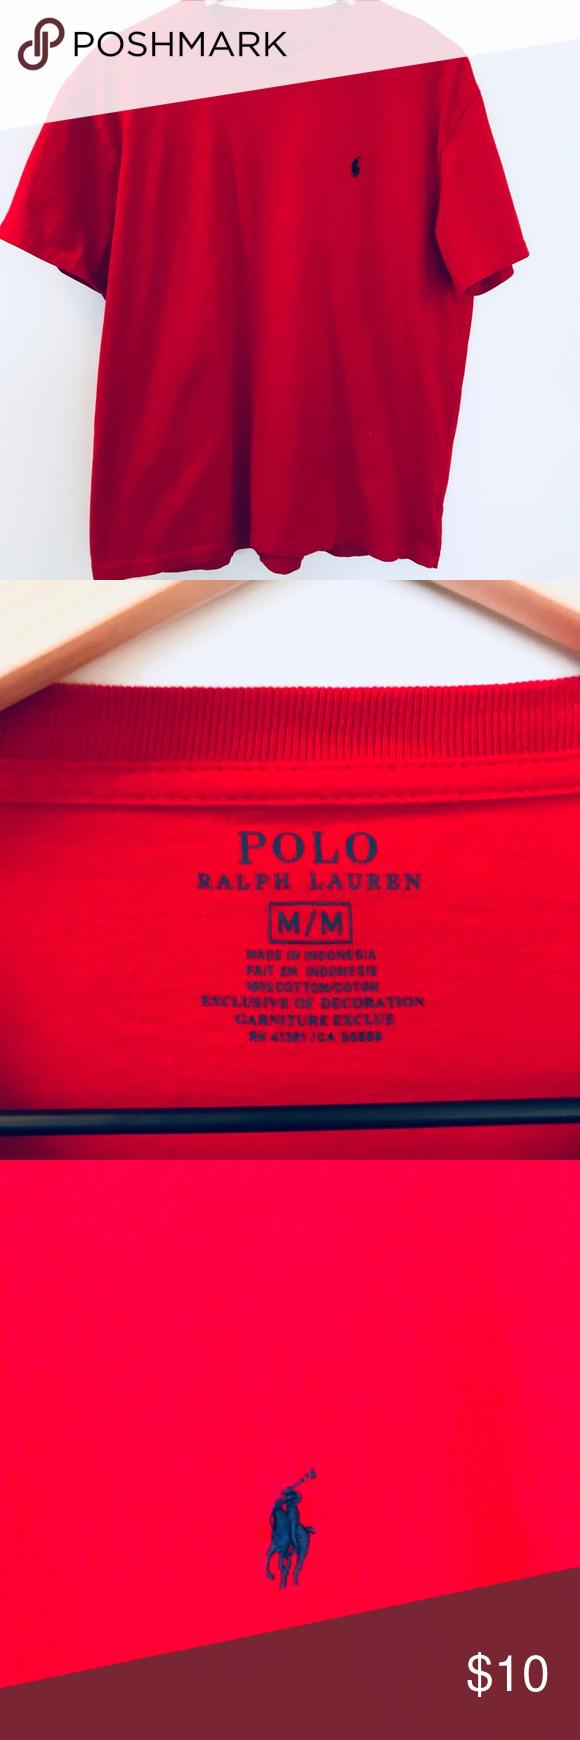 Polo Ralph Lauren sweatsuit | Polo ralph lauren sweatsuit